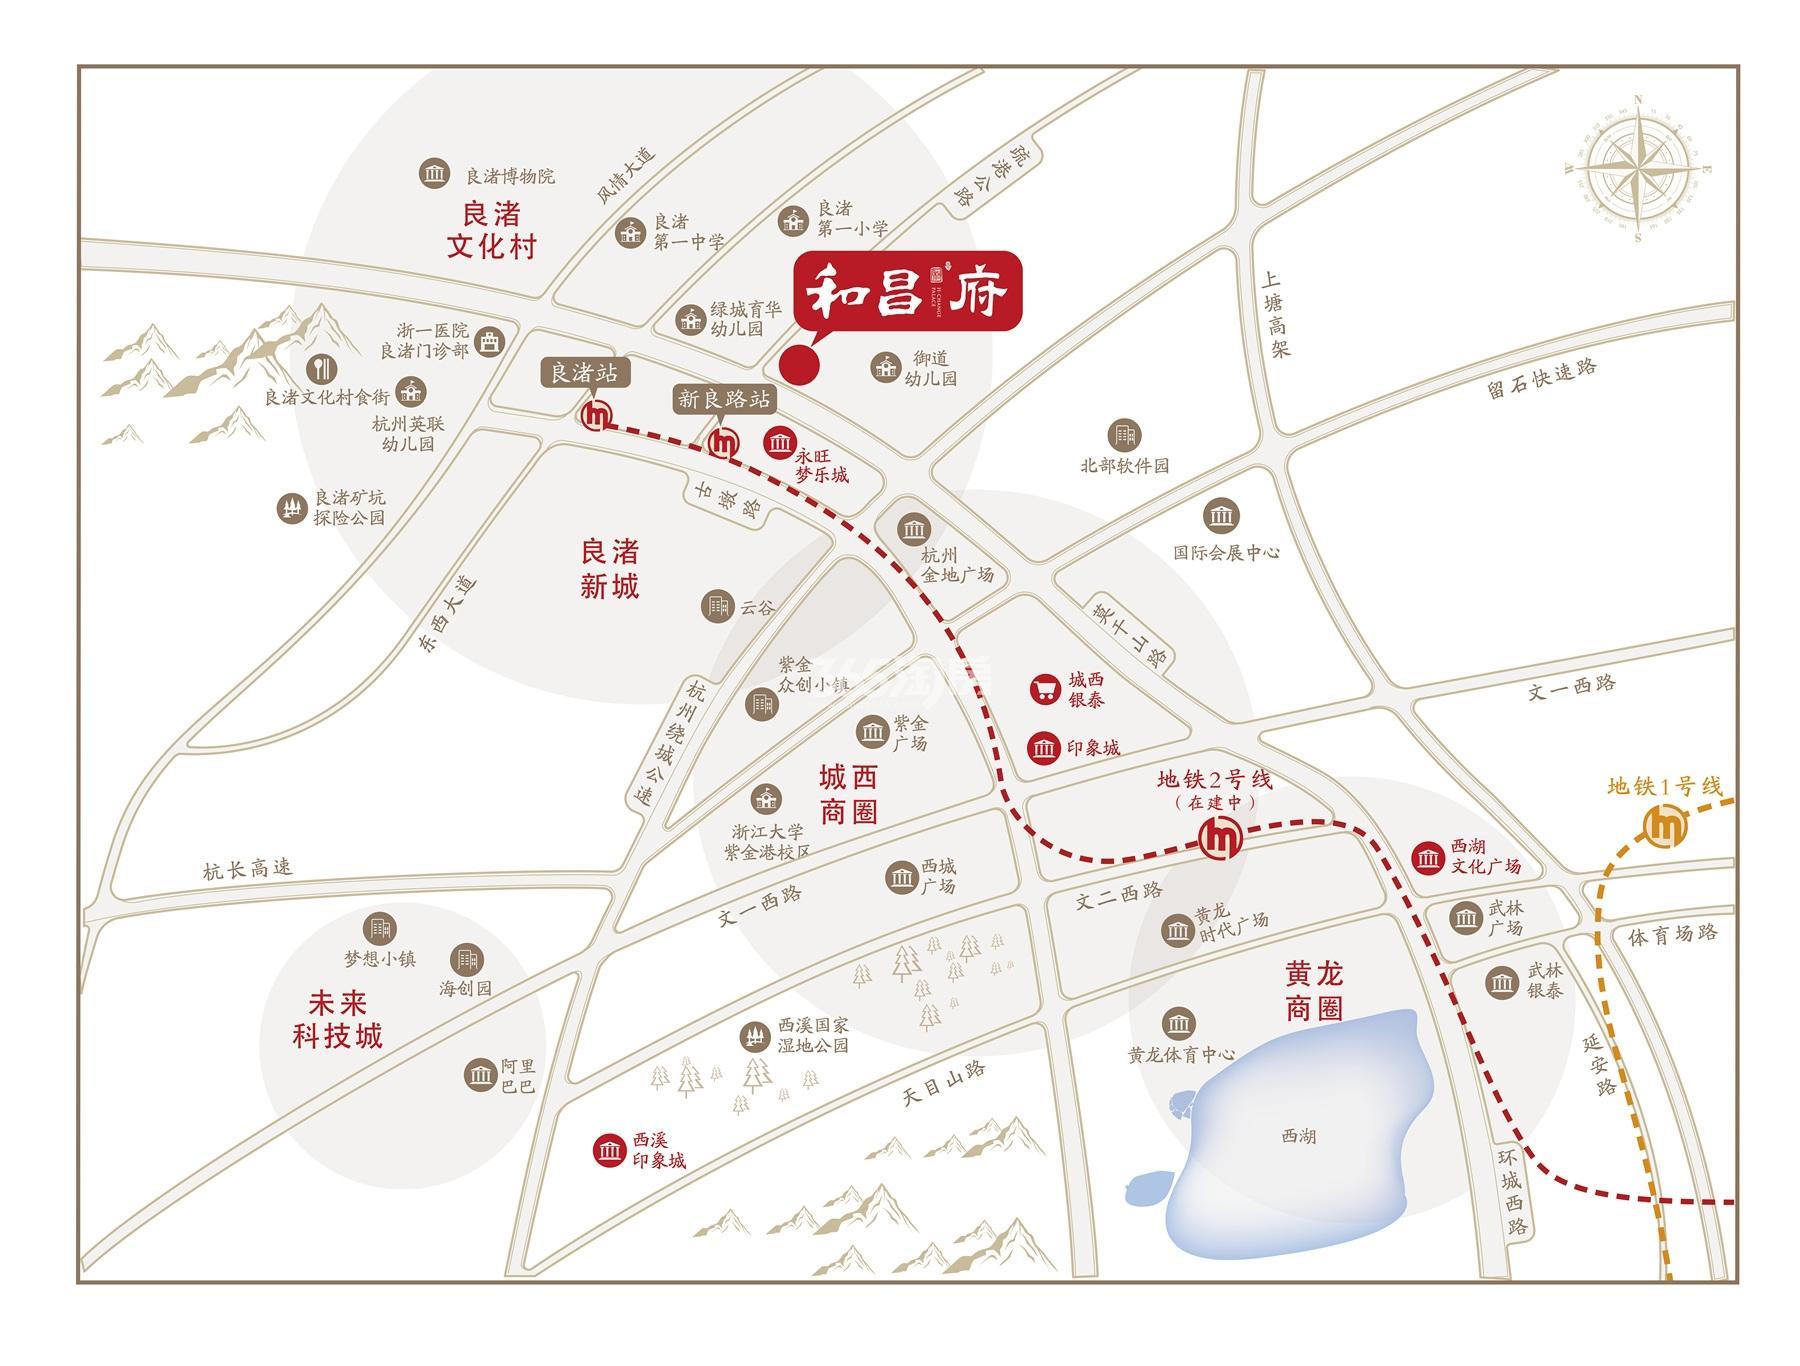 和昌府交通图